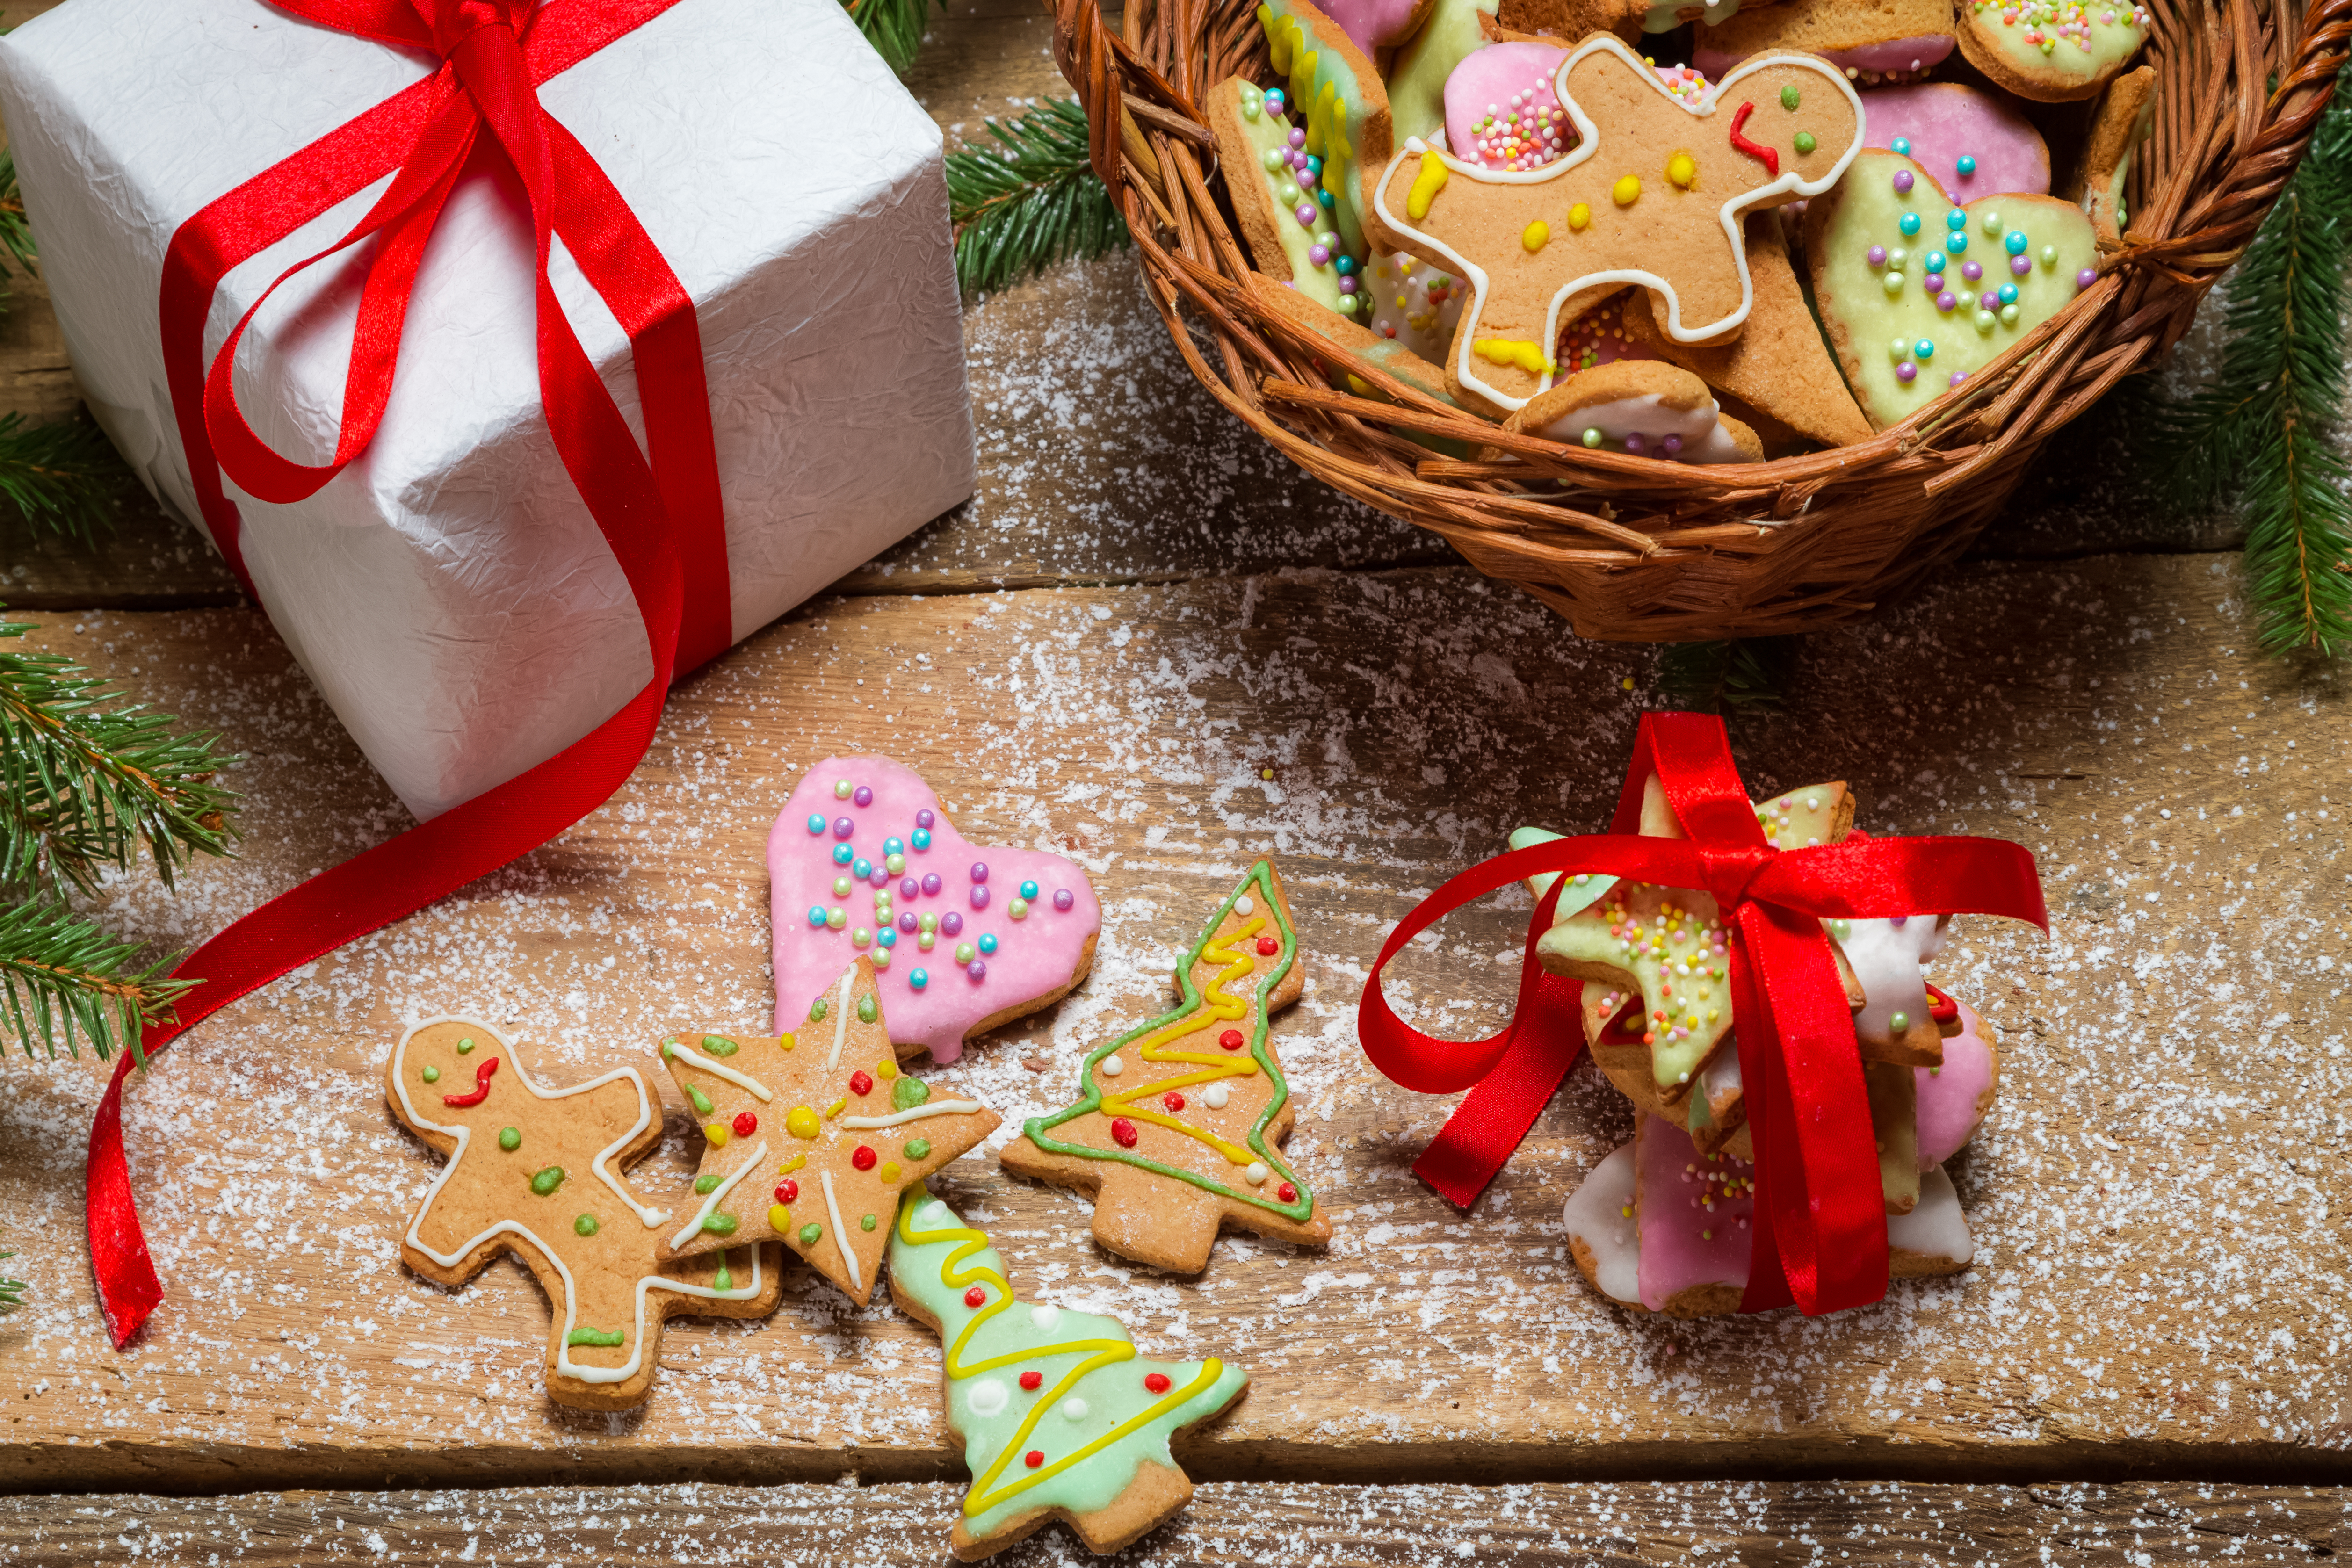 food presents